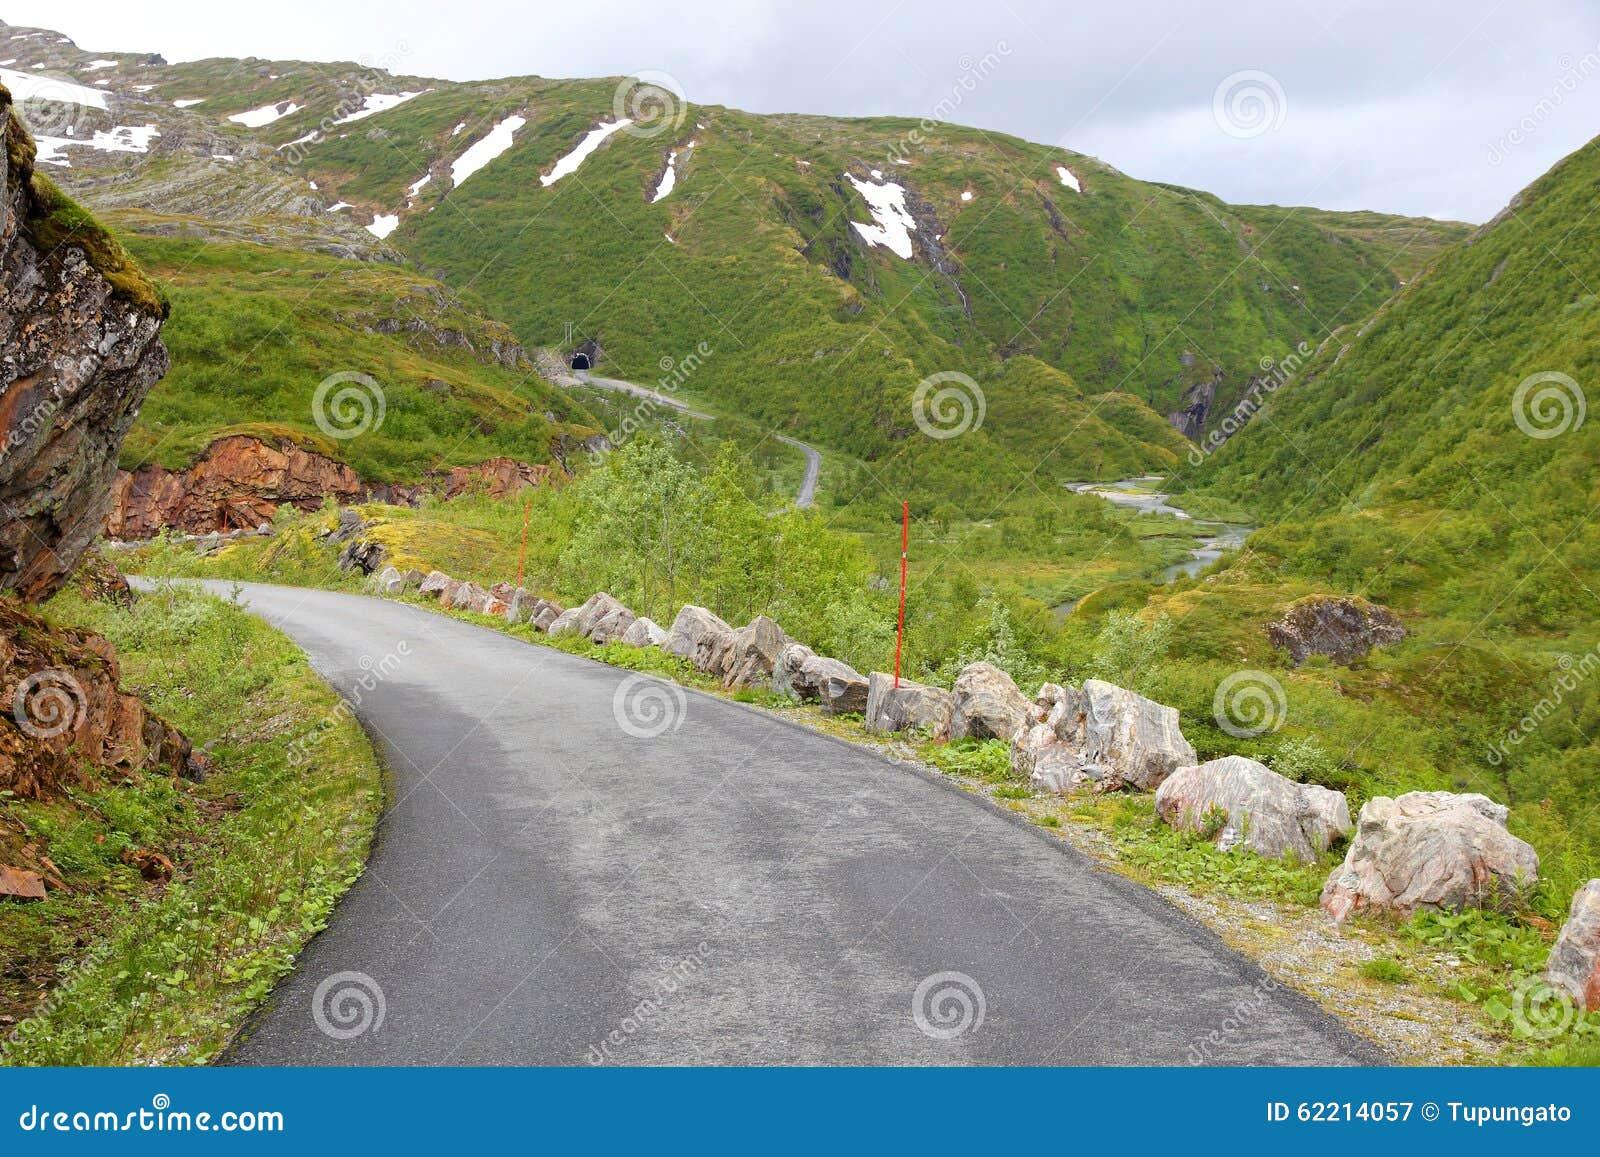 Norway Landscape Stock Image Image Of Rainy National